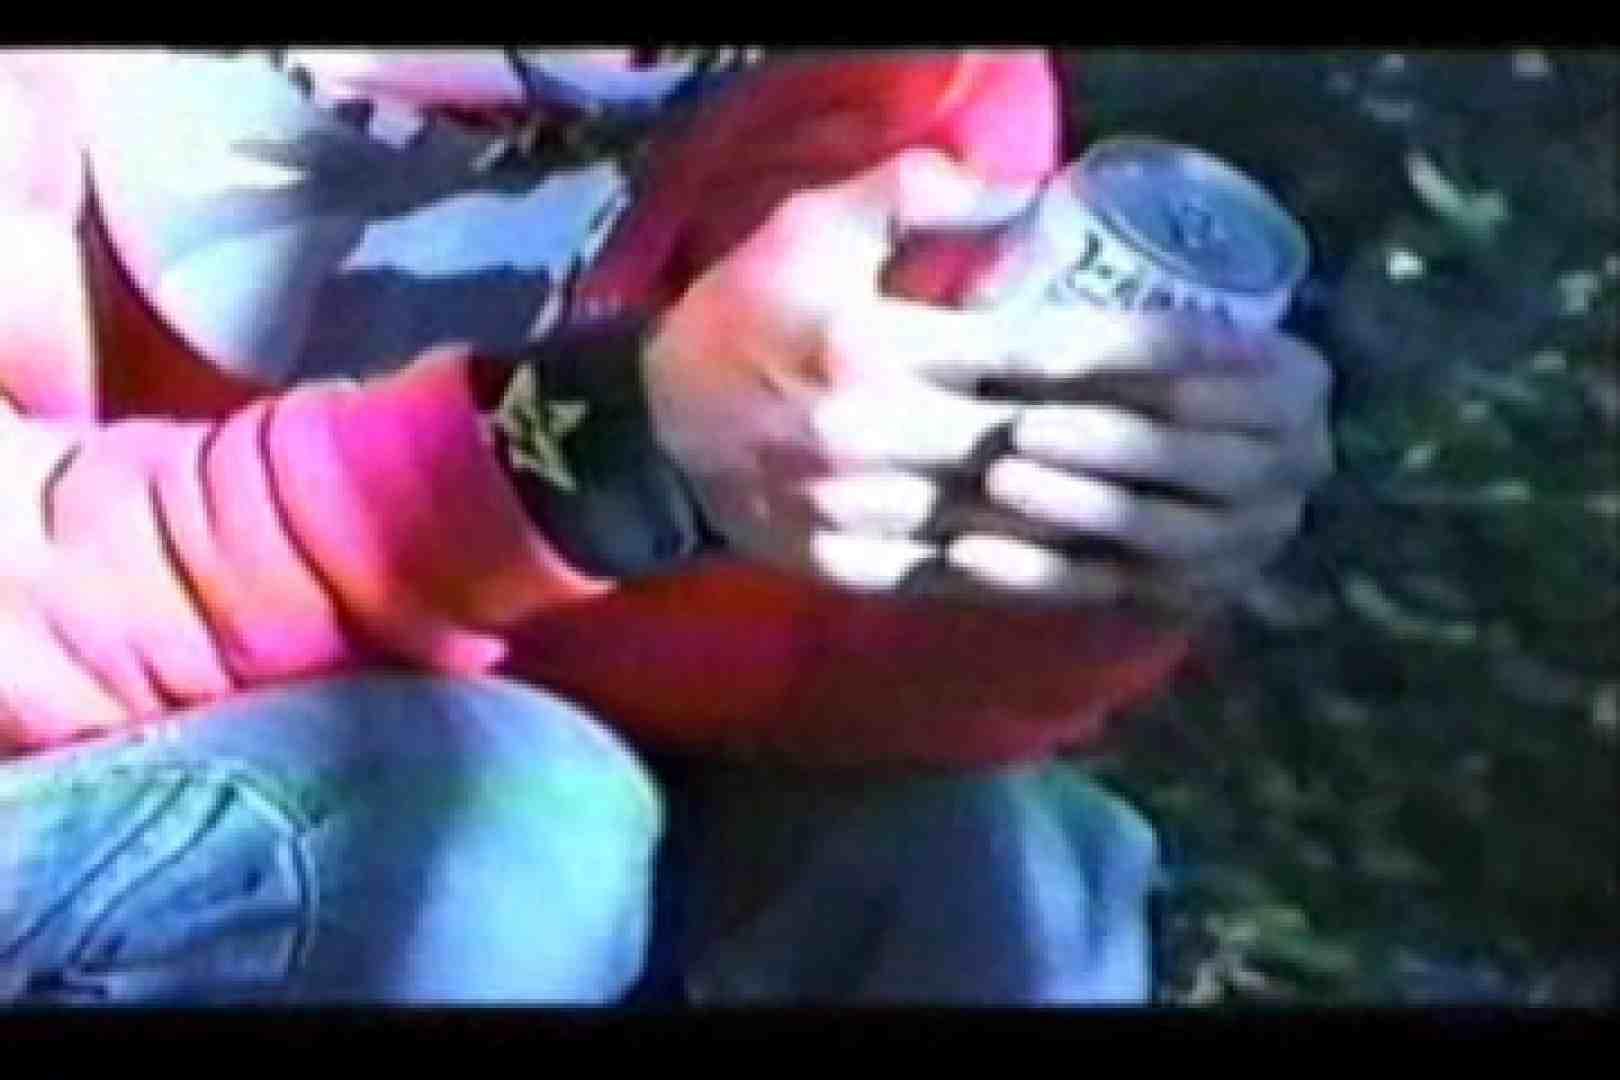 オールドゲイシリーズ  美少年ひかるのオープンファック アナル舐め ゲイ無修正画像 46pic 20